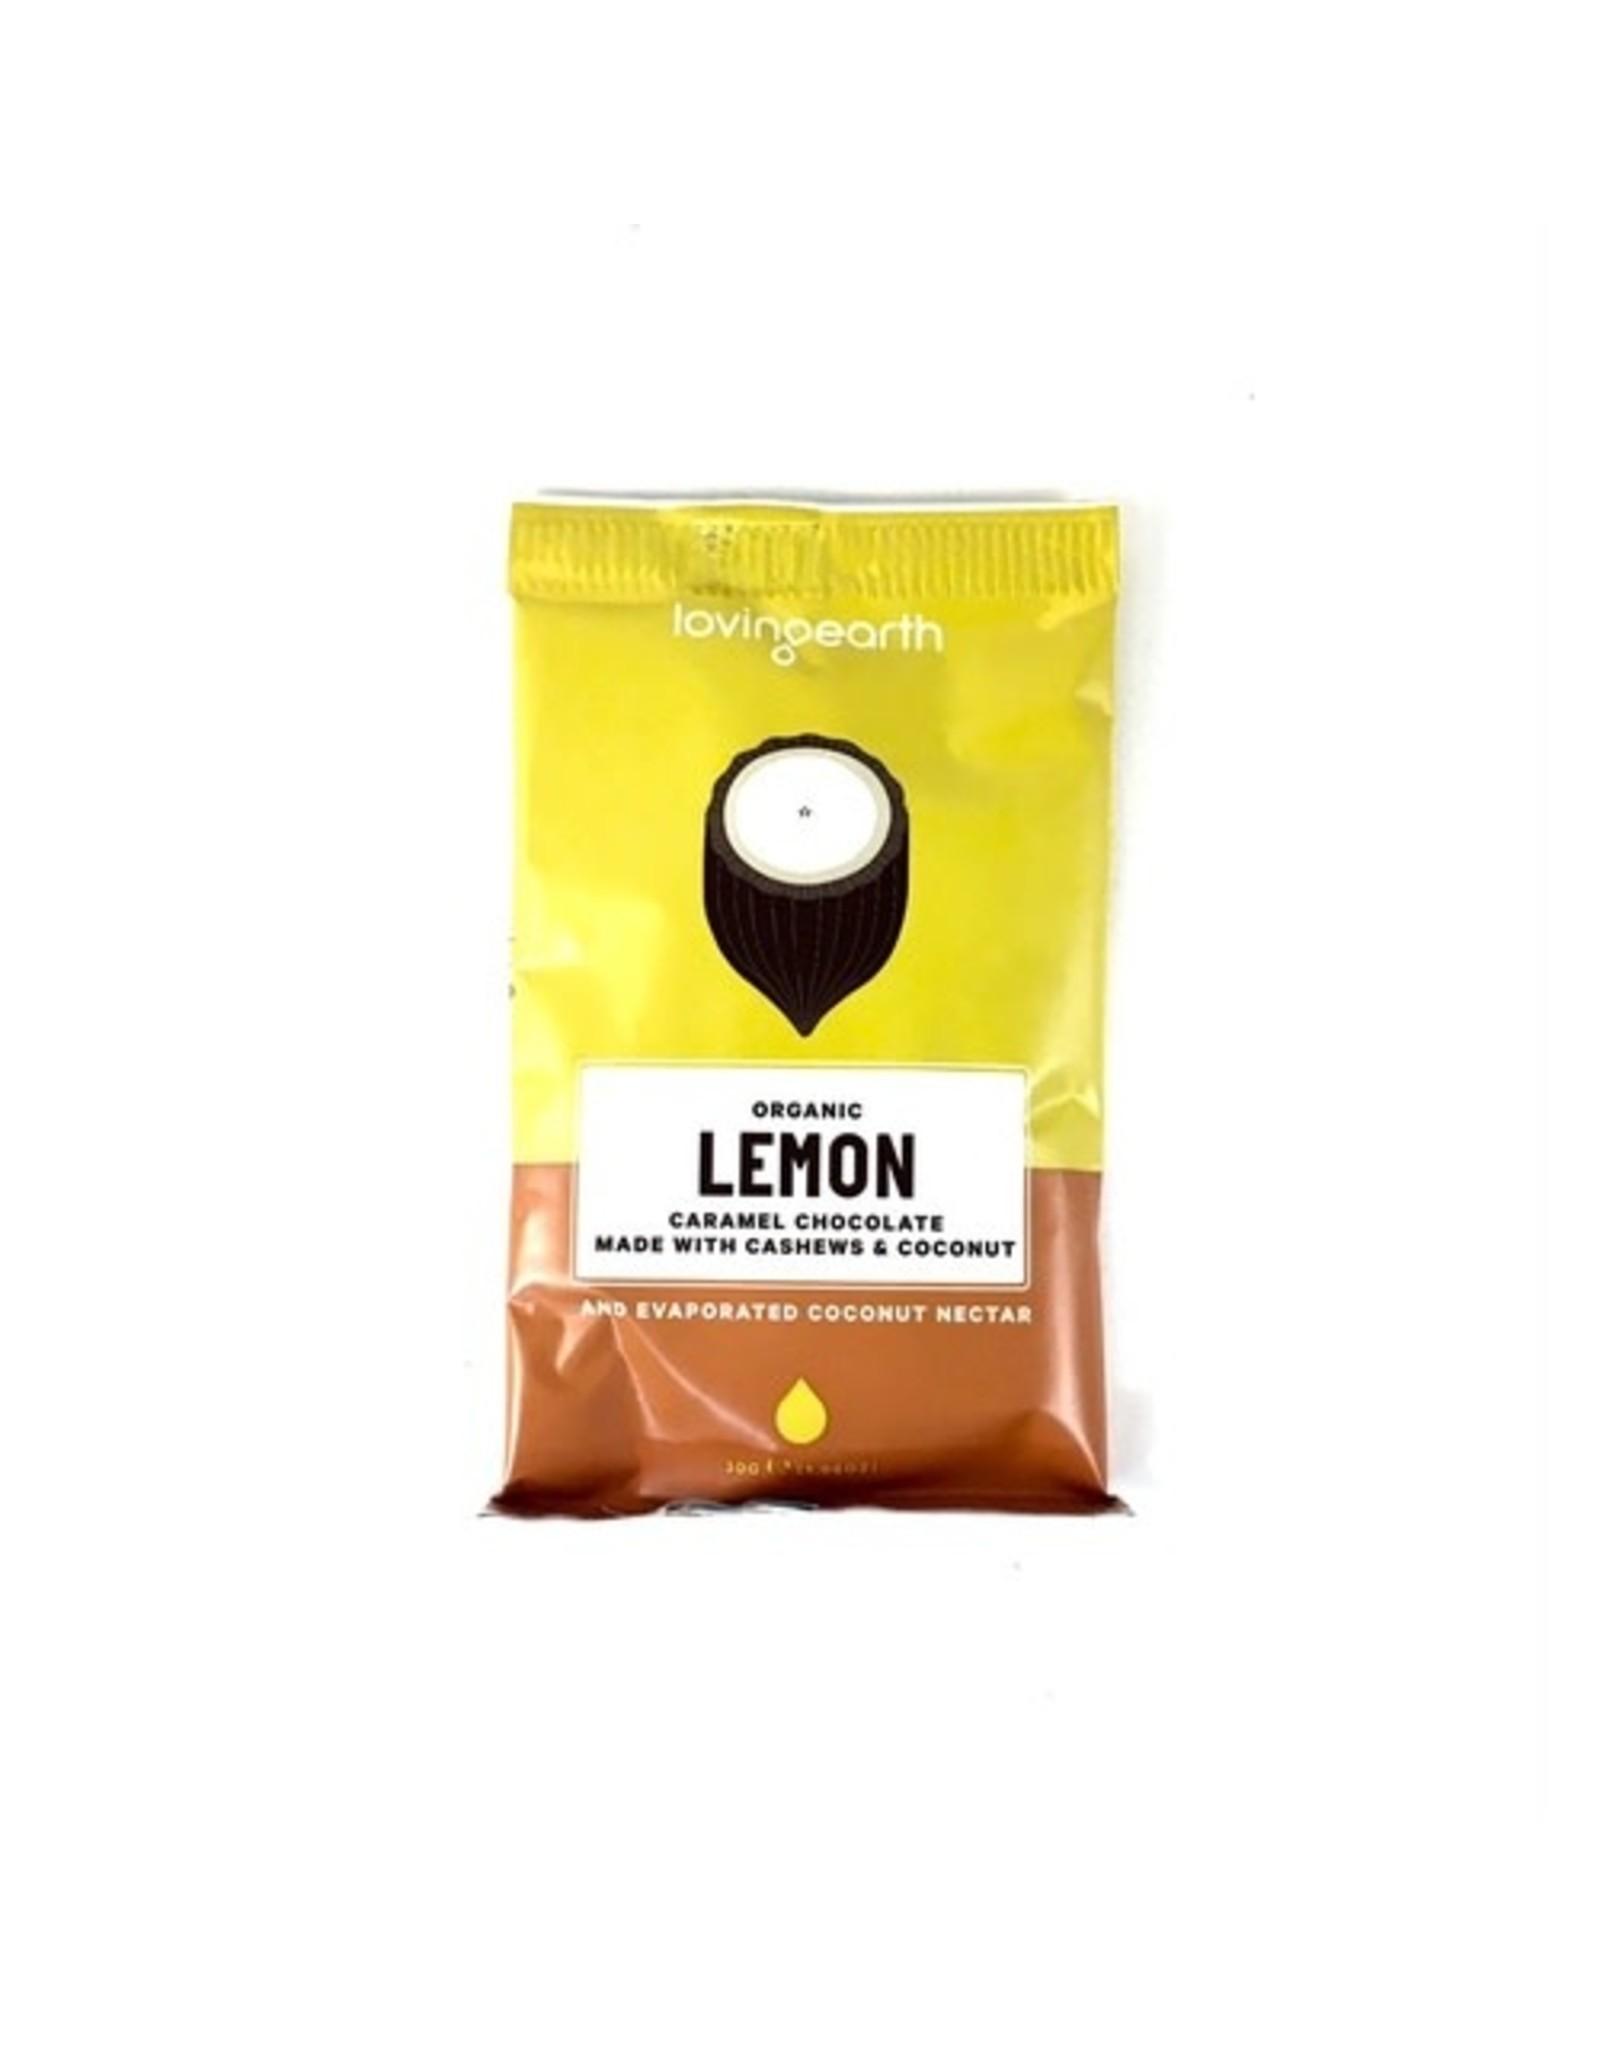 Loving Earth Lemon Caramel Chocolate 30g